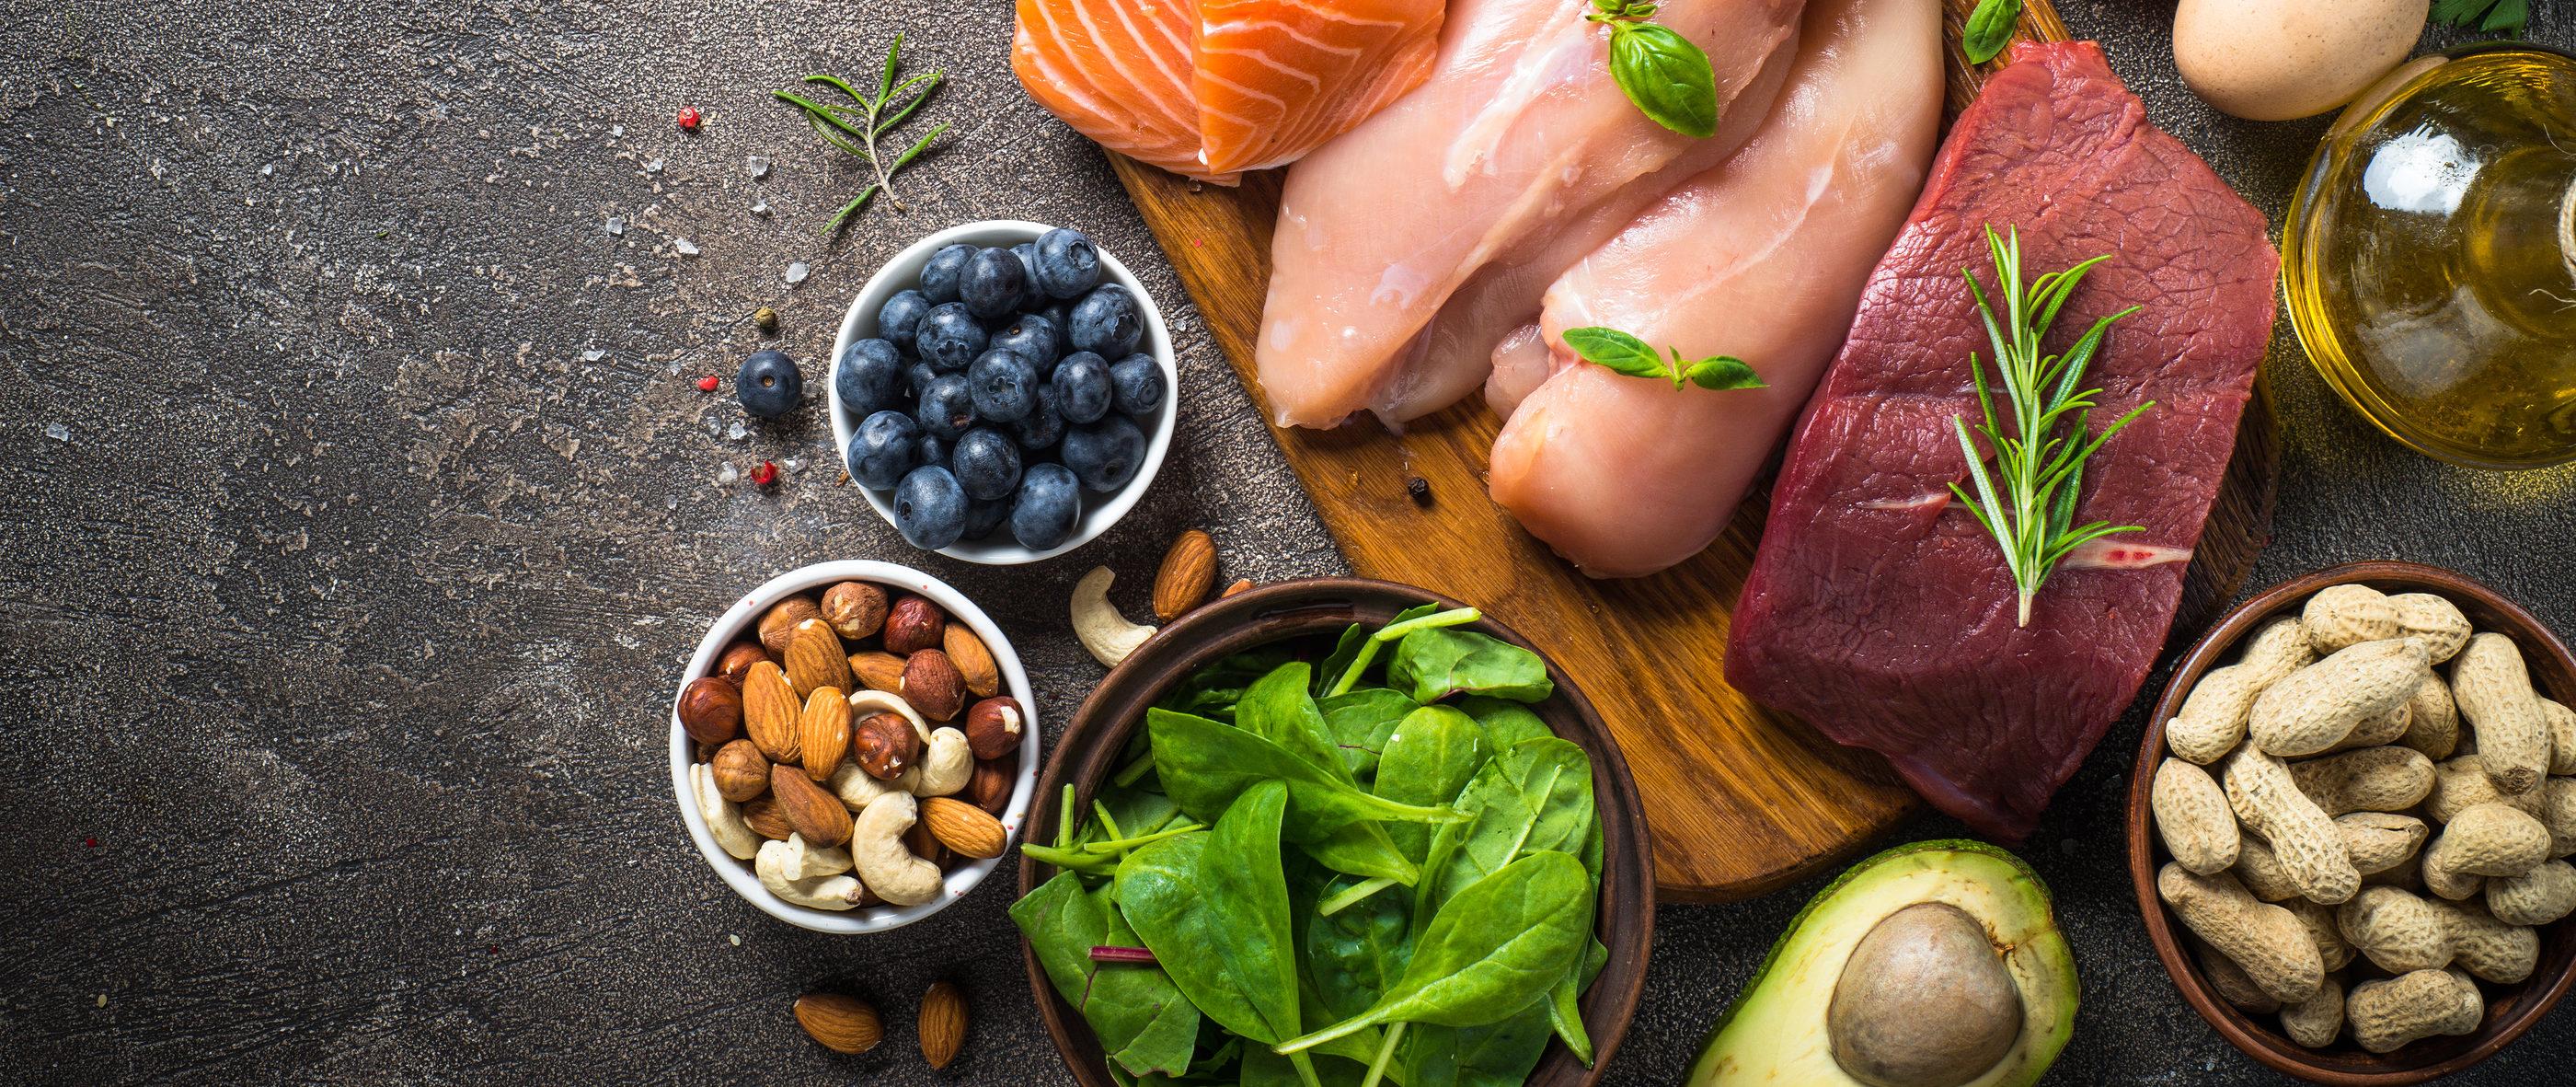 schnell abnehmen gesunde Ernährung